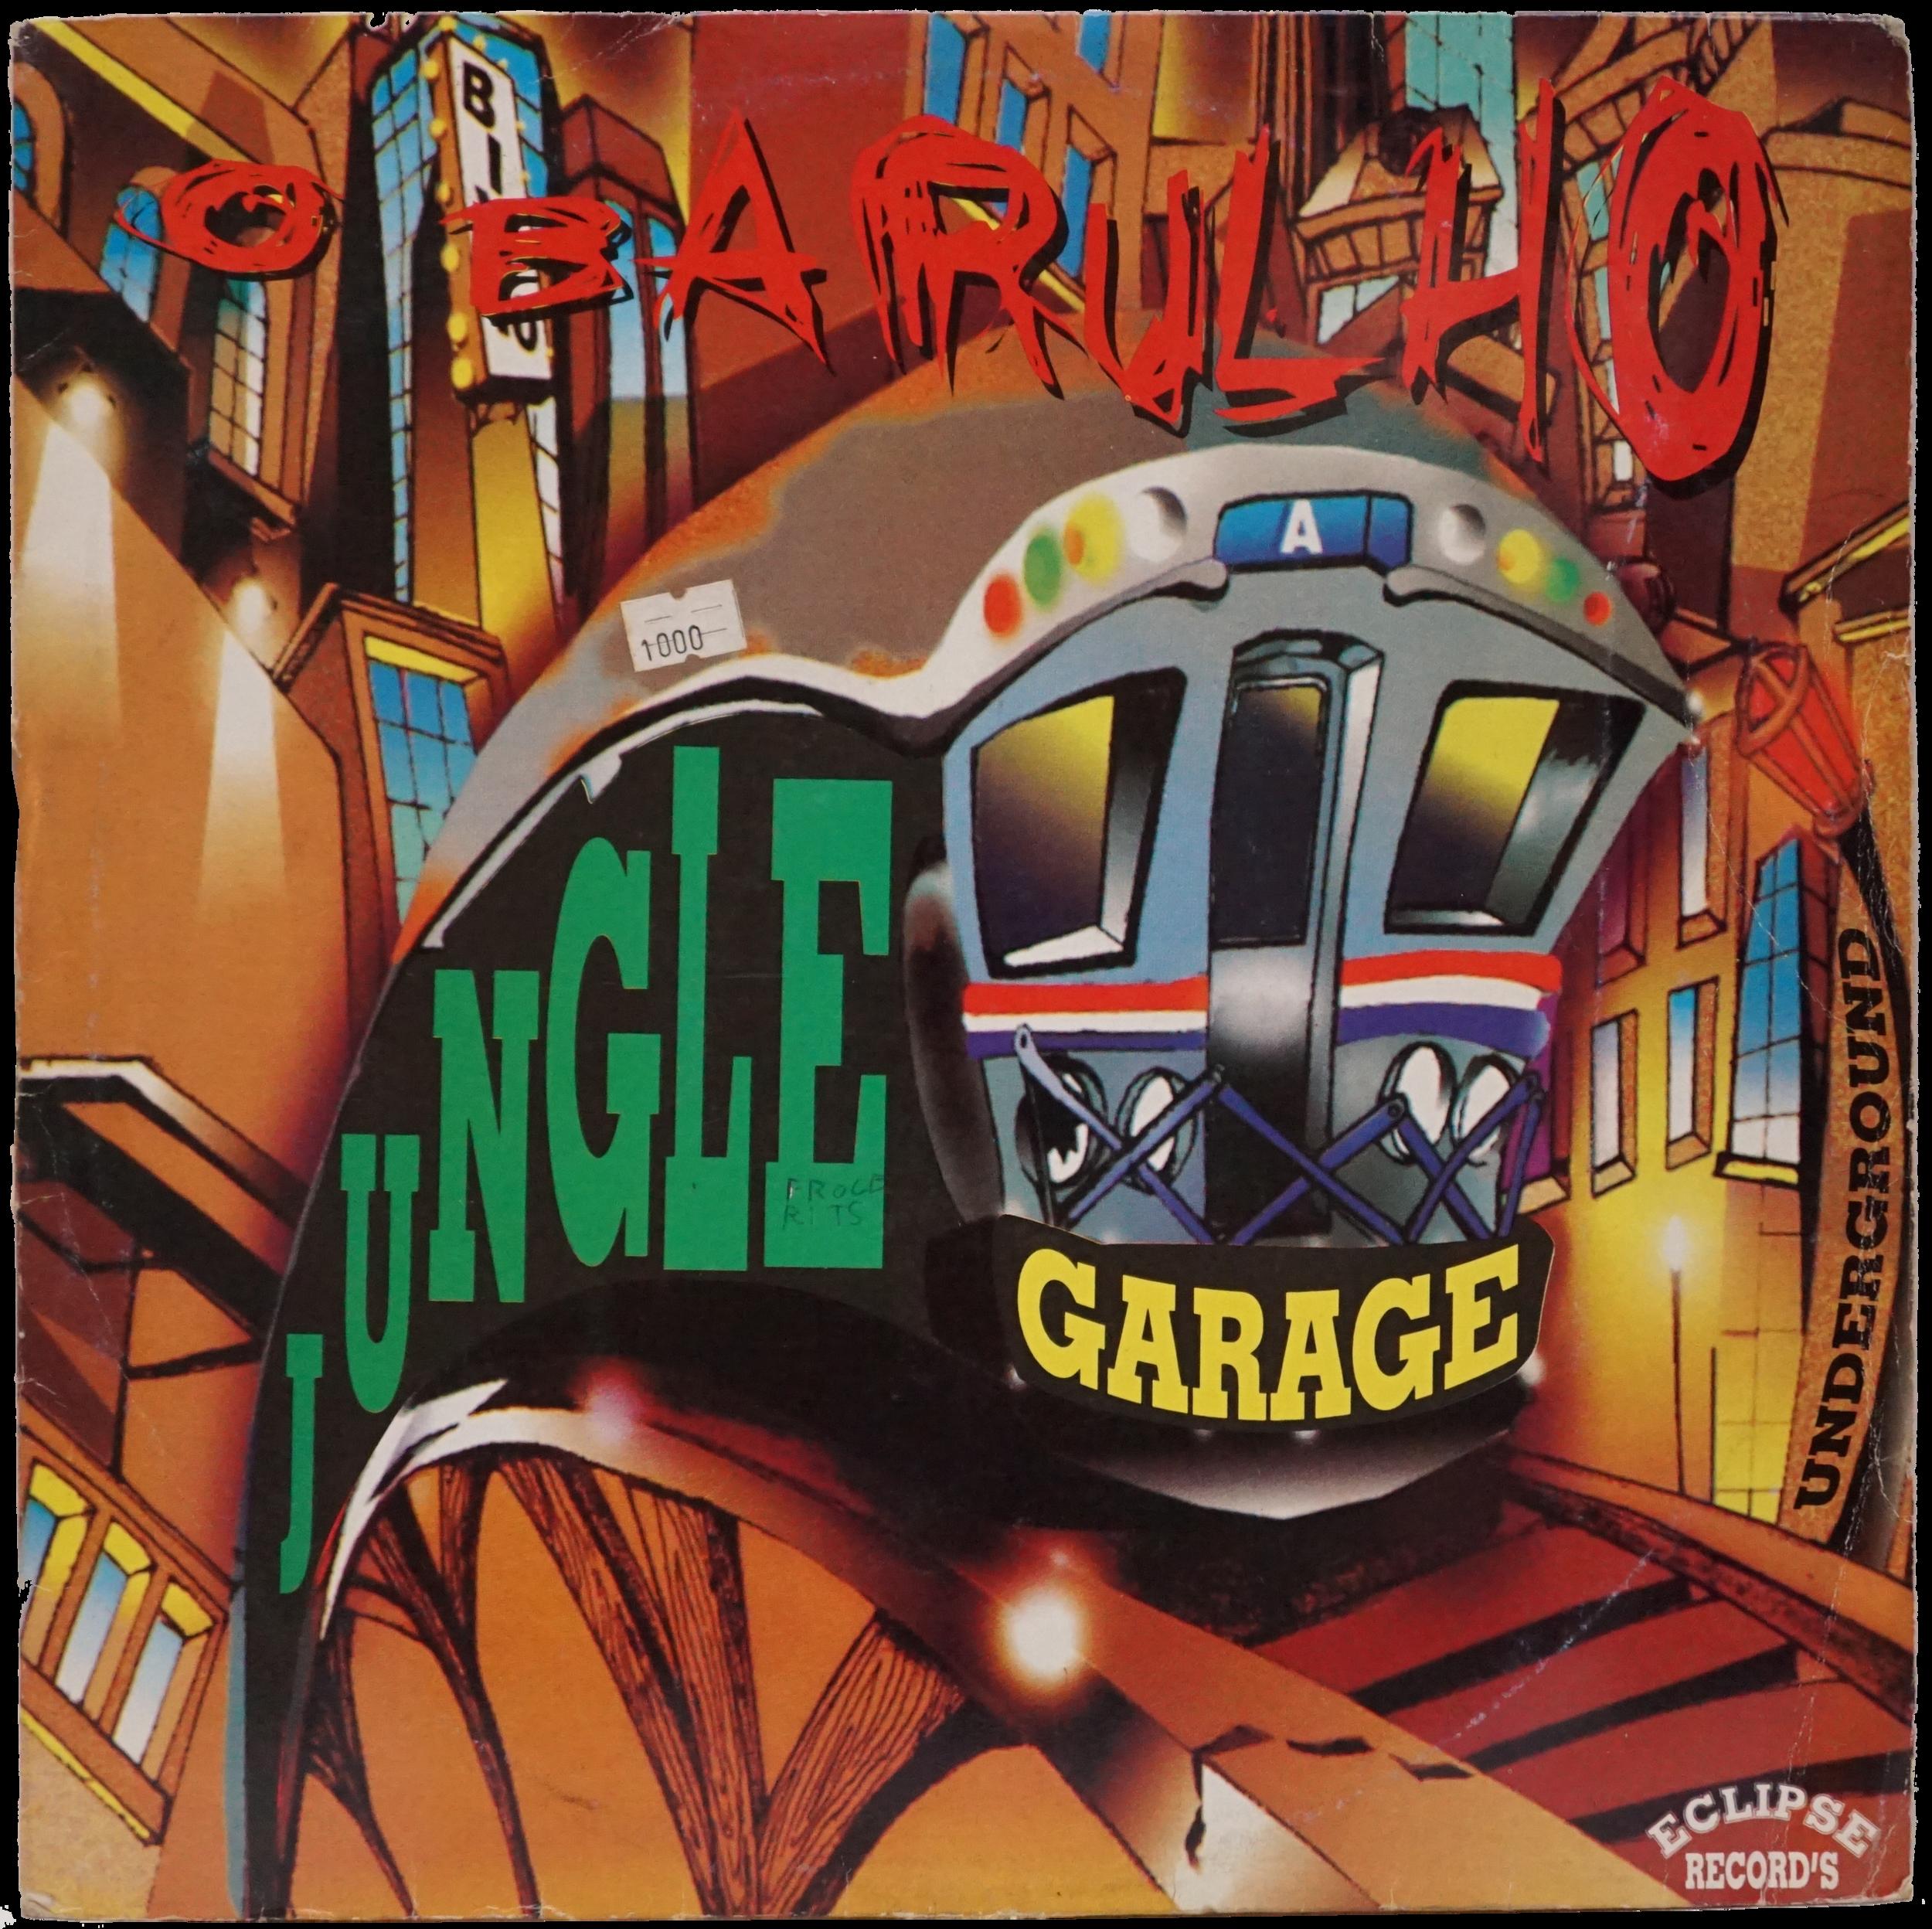 WLWLTDOO-1995-LP-BANG_O_BARULHO-FRONT-TBN111.png